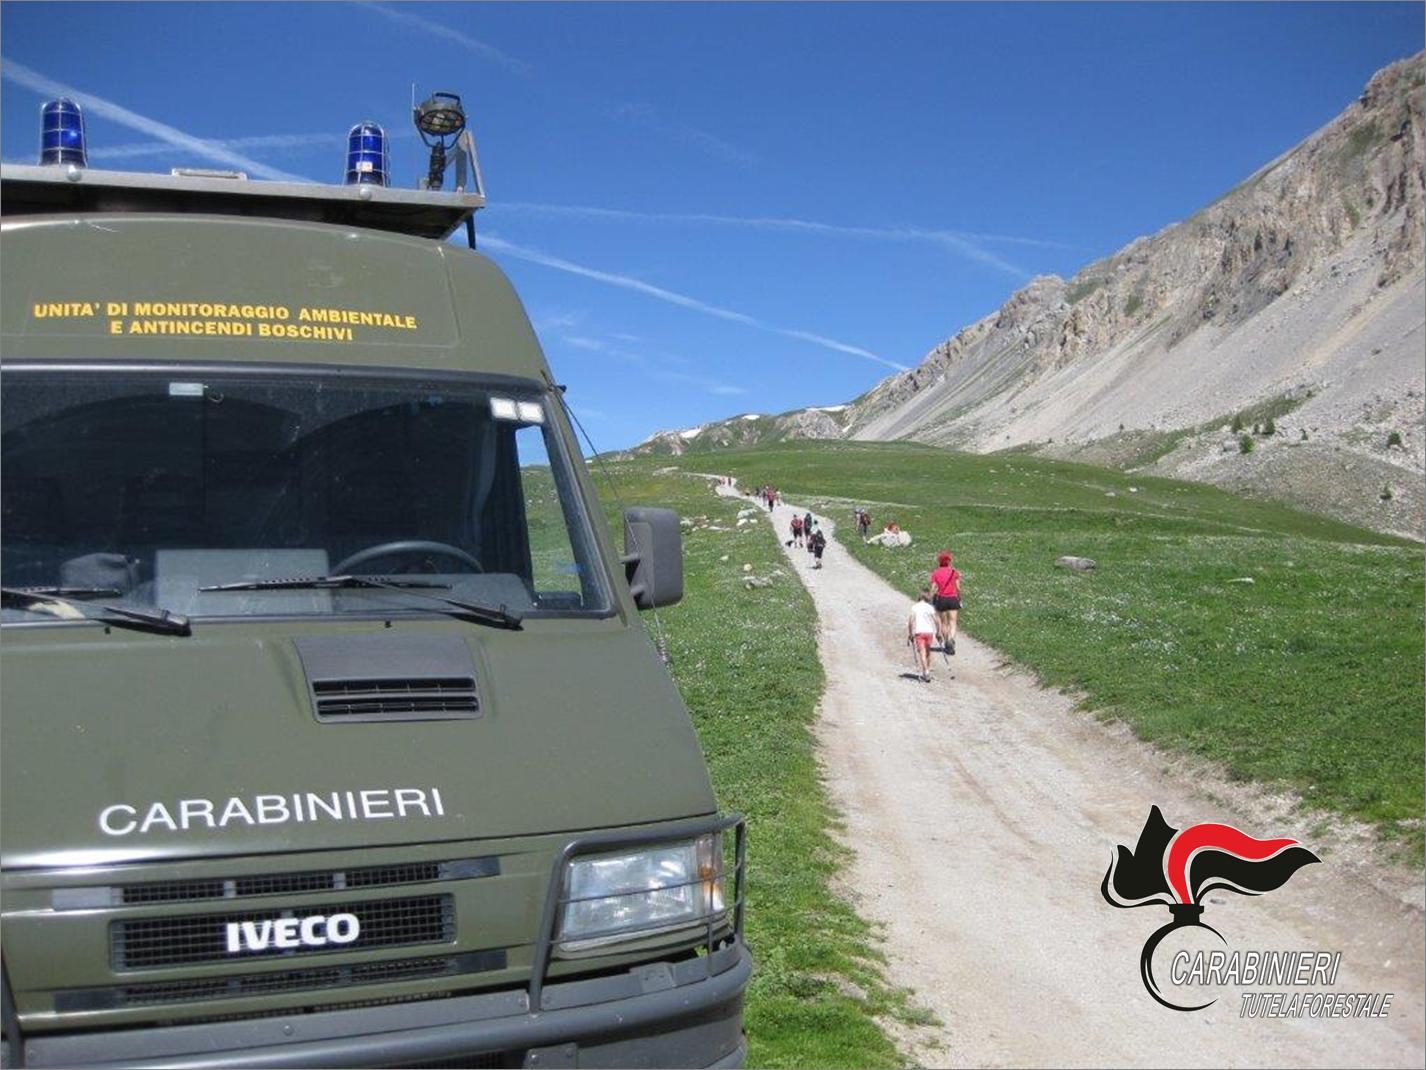 Carabinieri Forestali alla Gardetta